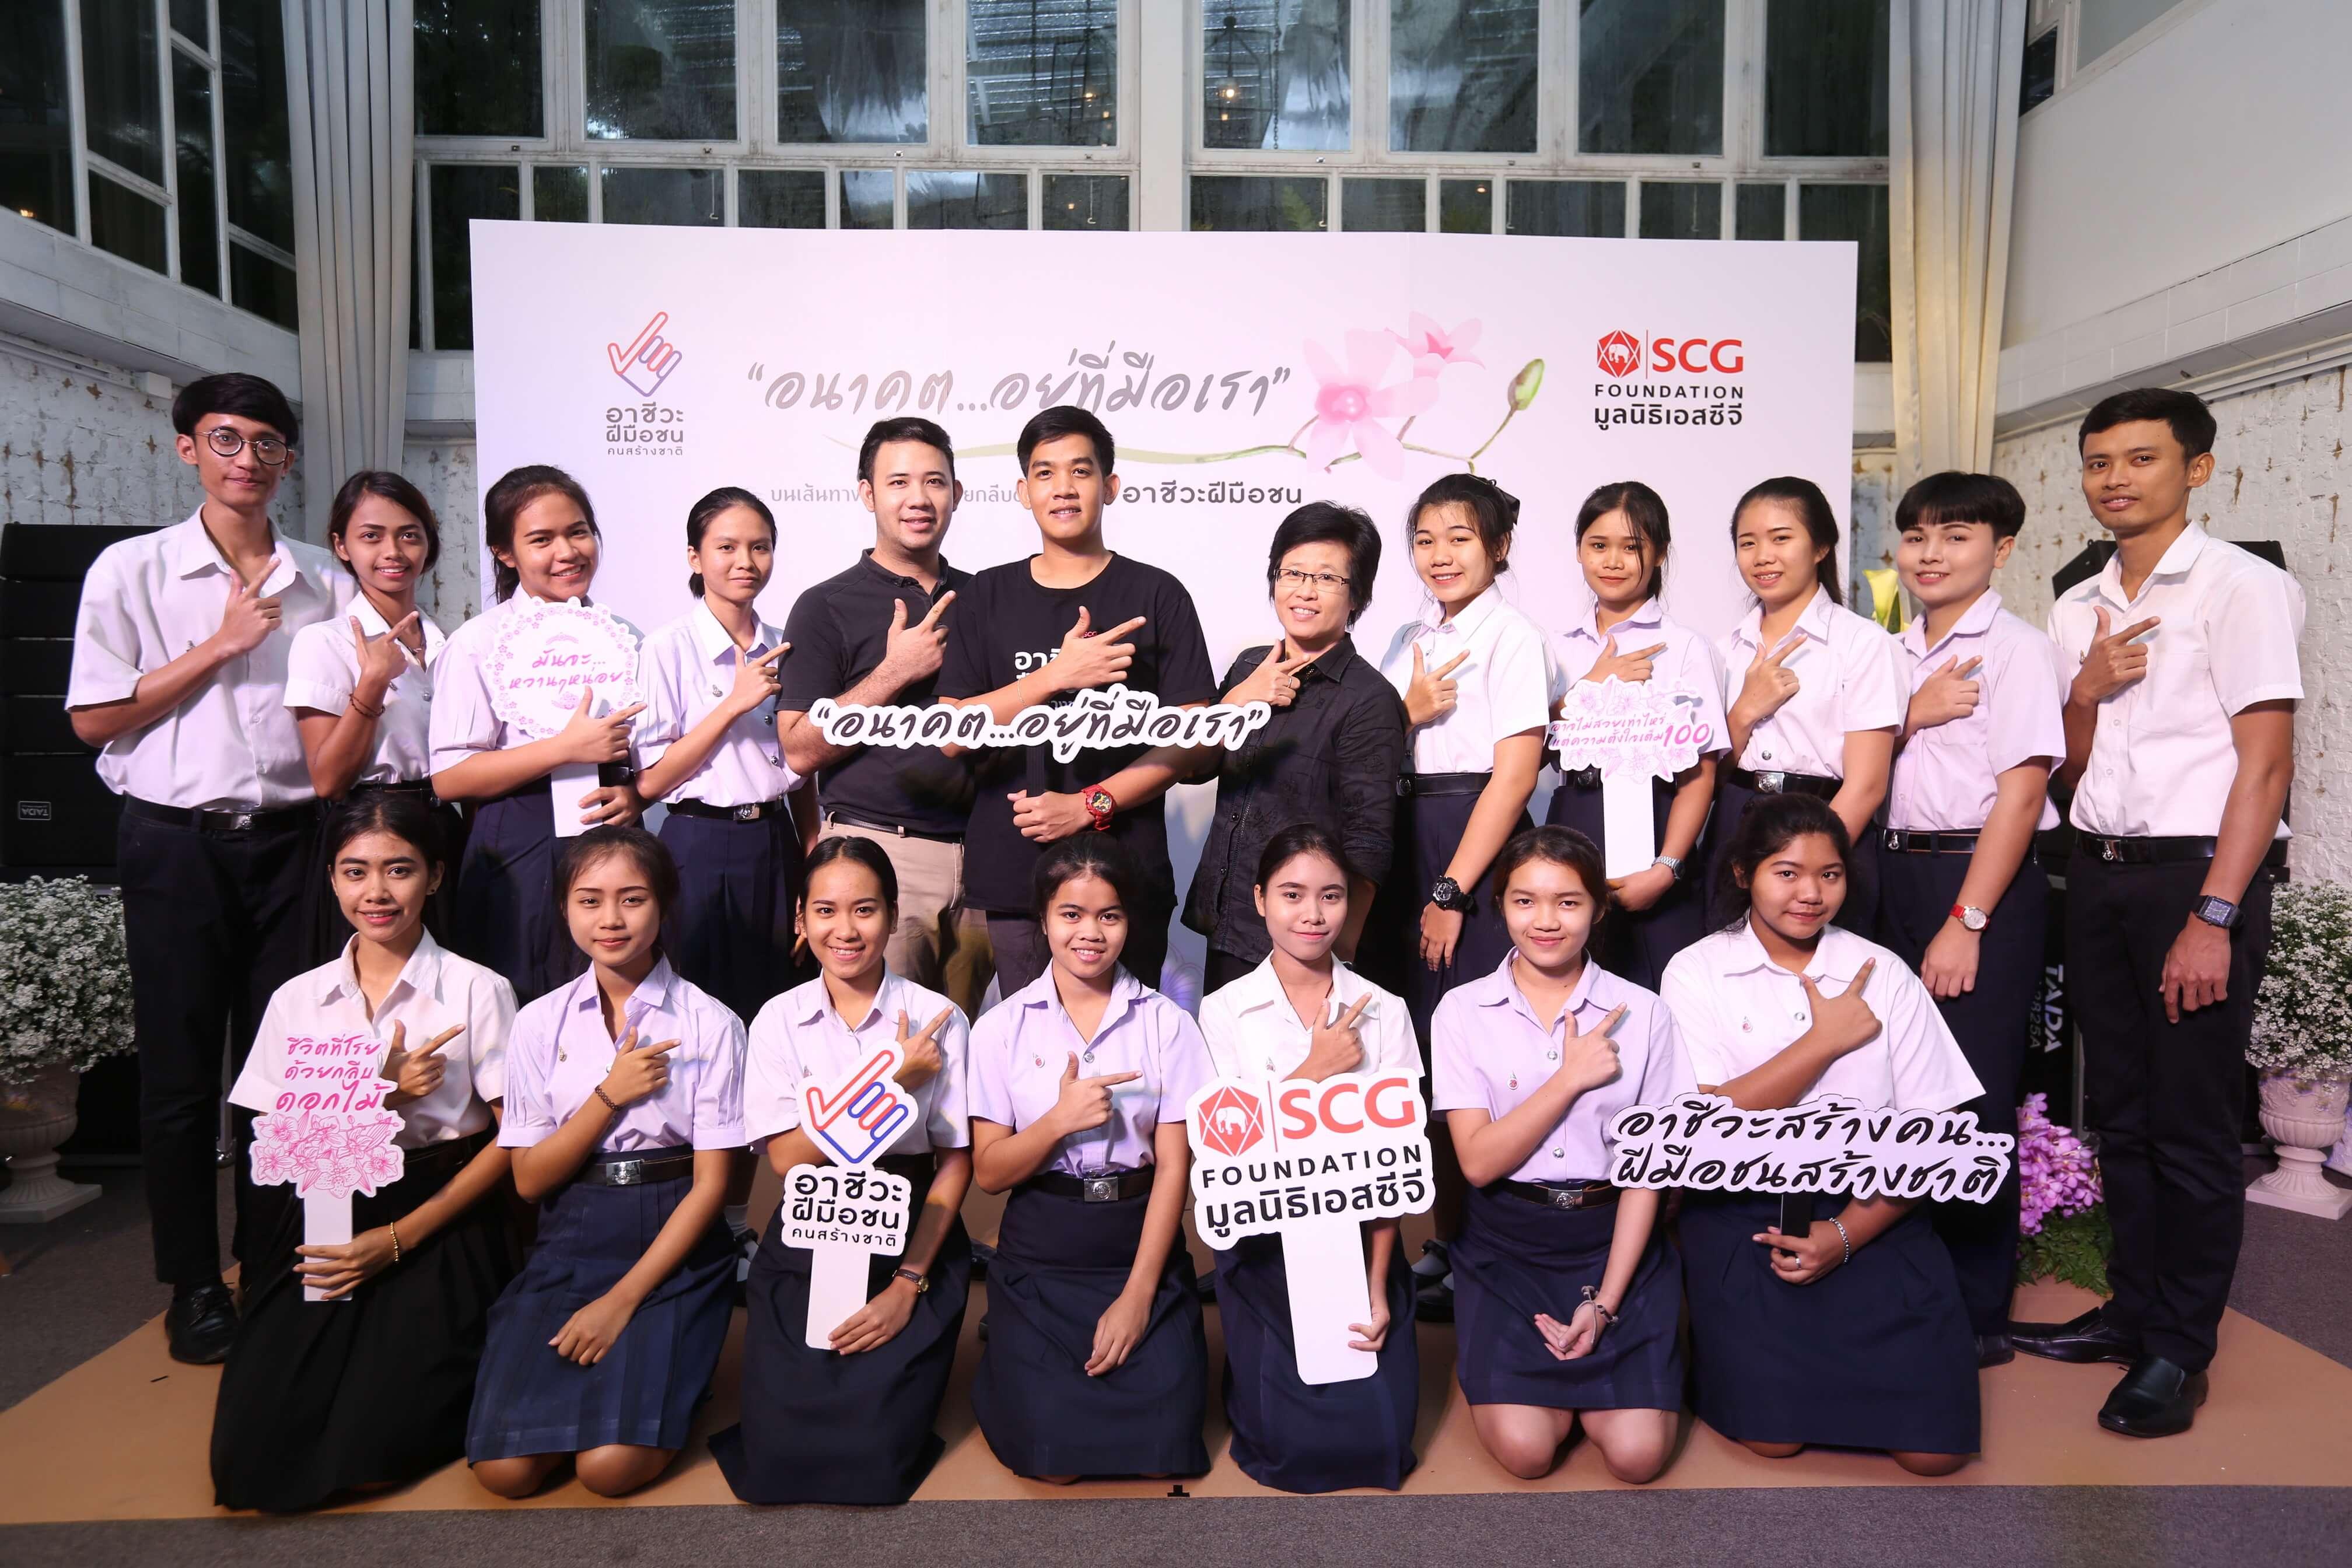 'อนาคตอยู่ที่มือเรา' มูลนิธิเอสซีจีเปิดตัวอาชีวะฝีมือชนคนเก่ง ตัวแทนประเทศไทยแข่งจัดดอกไม้บนเวทีโลก